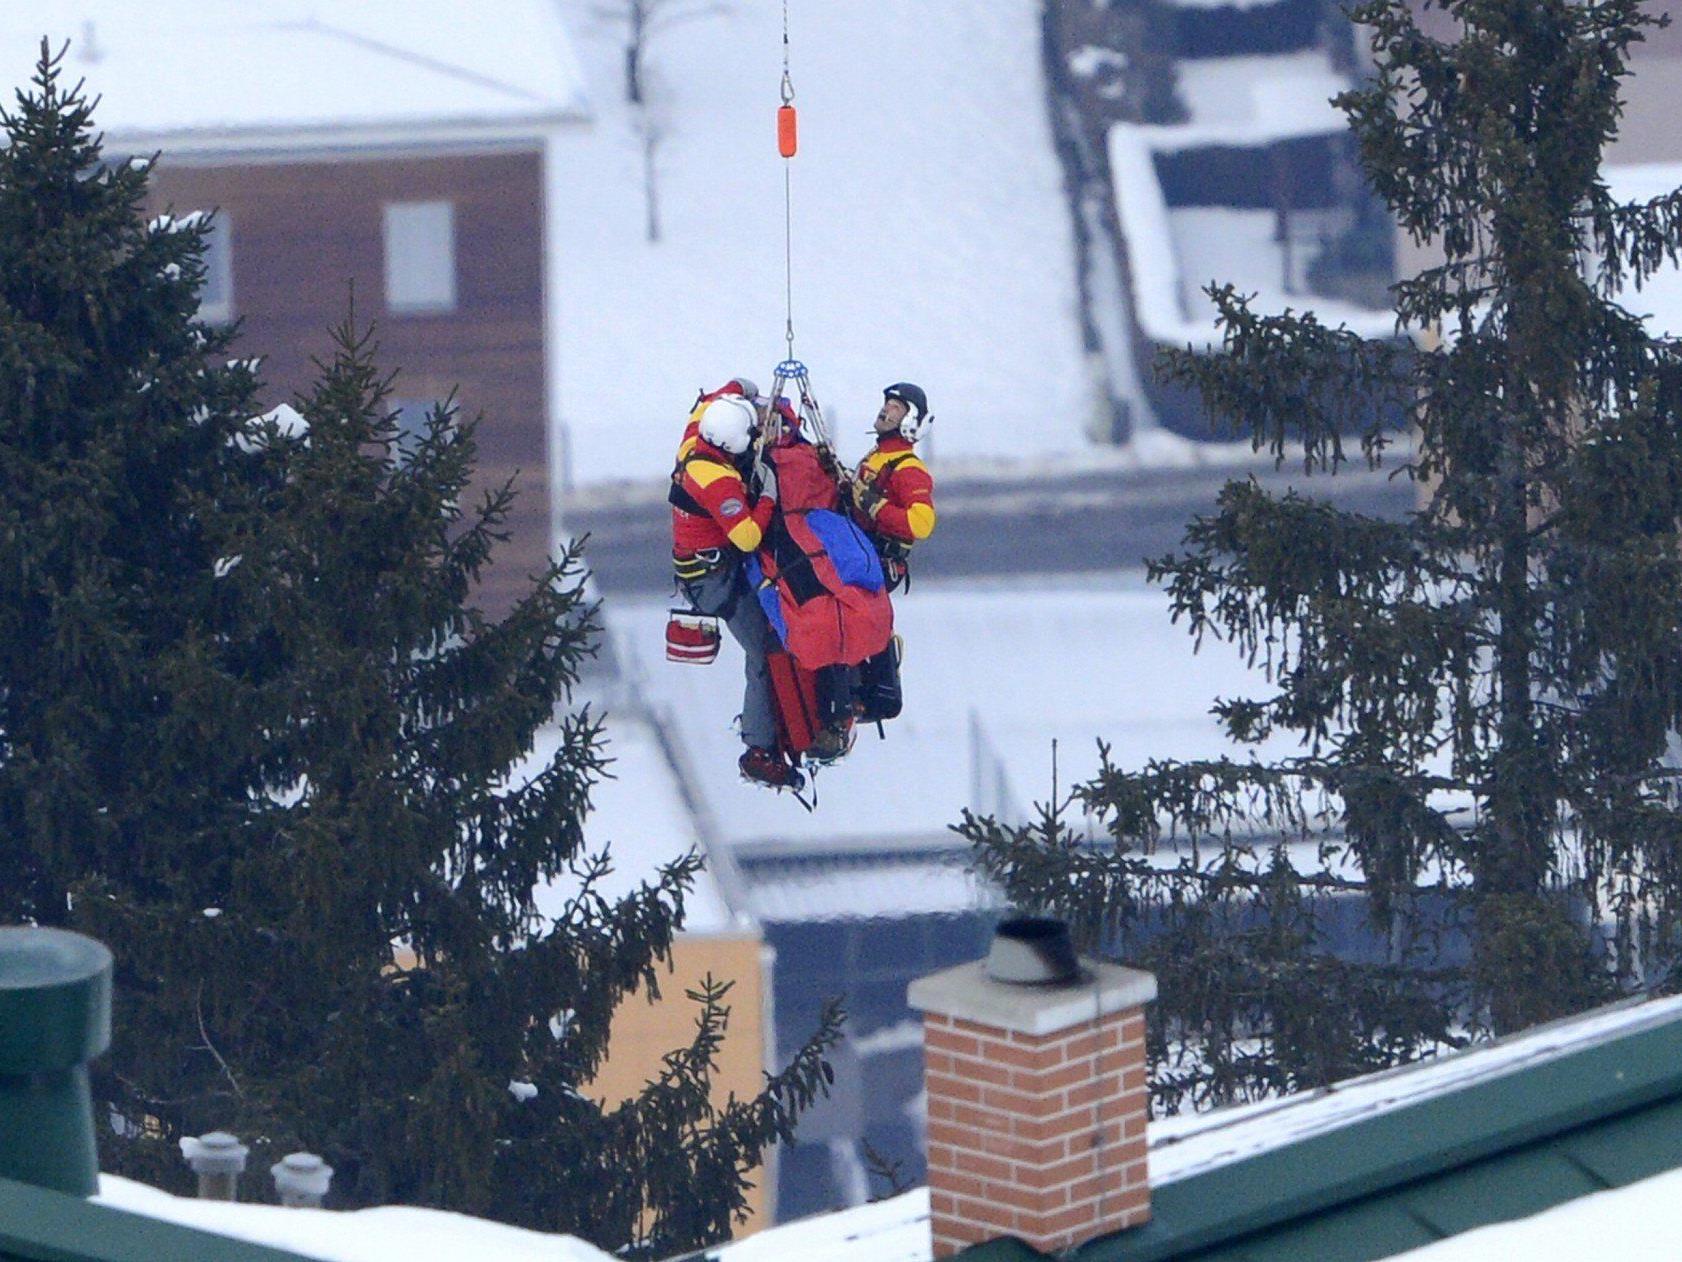 Topfavoritin Lindsey Vonn im Super-G der Damen in Schladming schwer gestürzt.